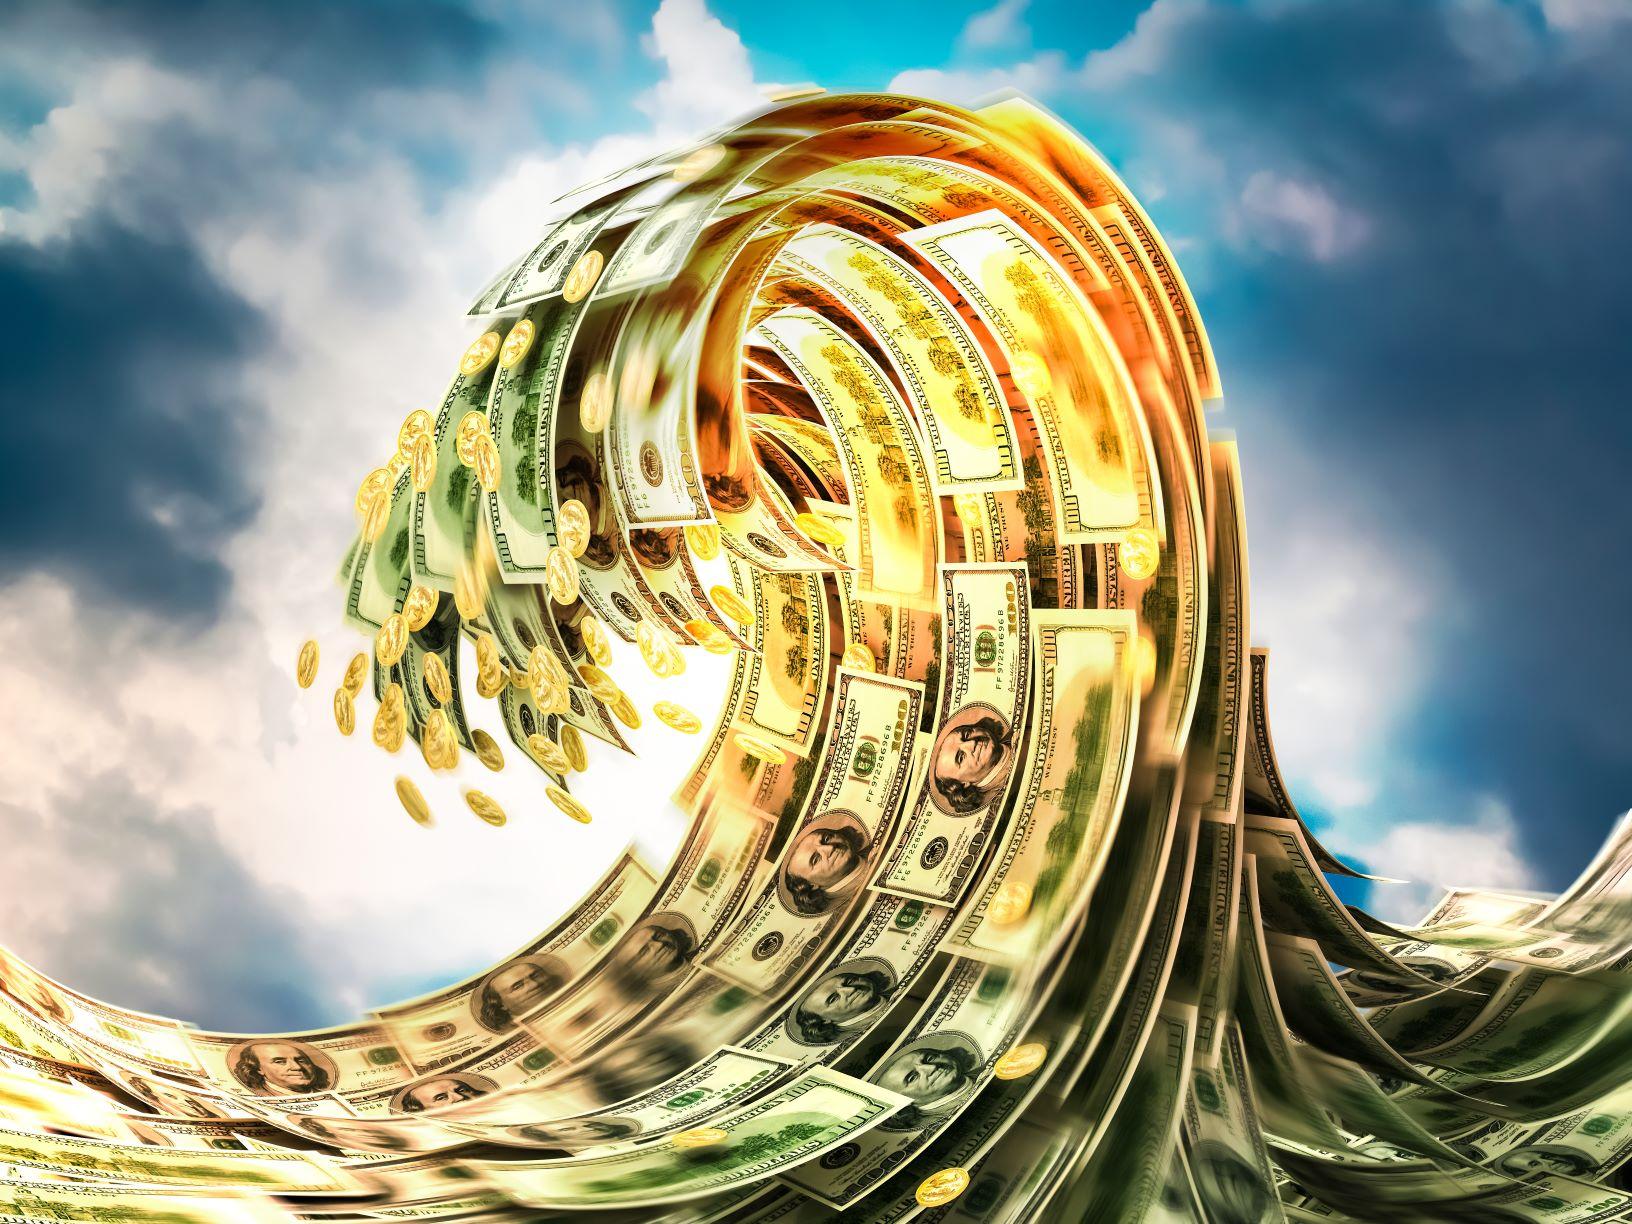 Tsunami ready to hit UK Economy